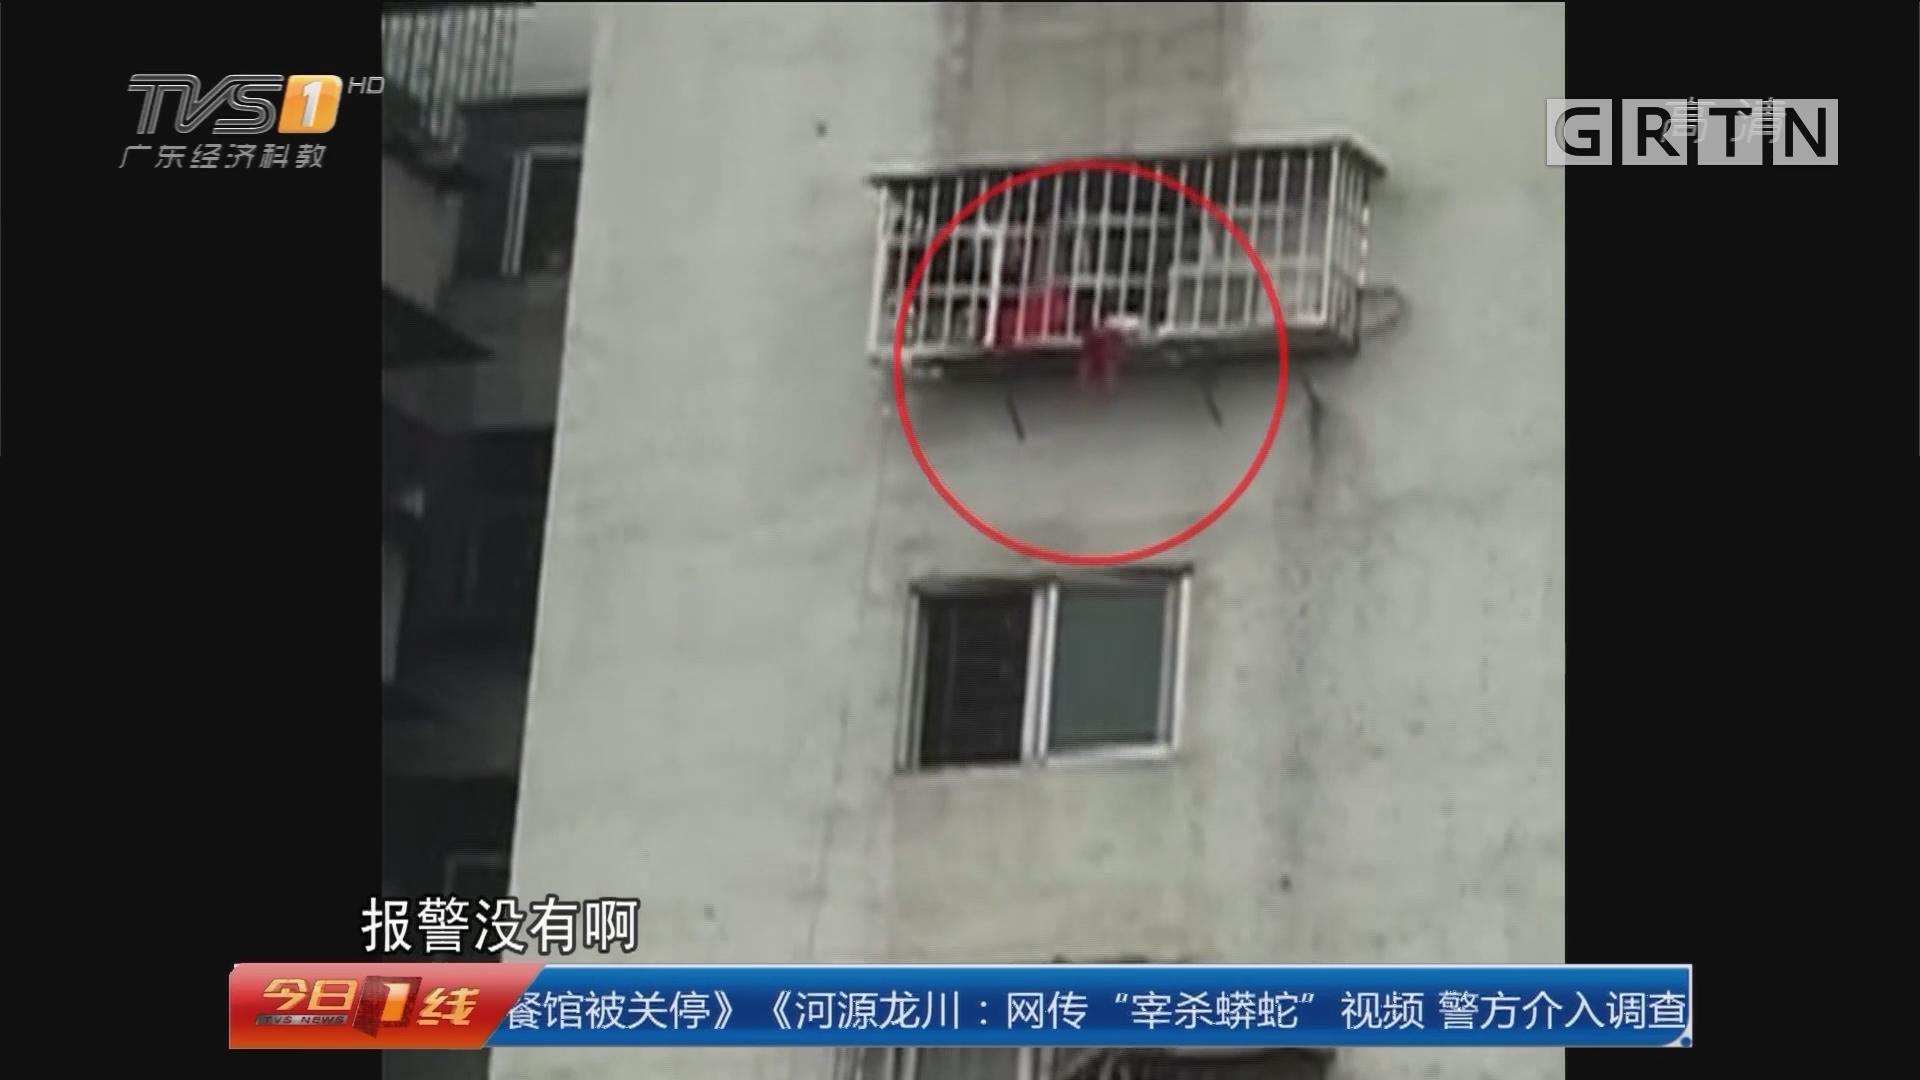 """系列专栏""""温度"""":深圳龙岗 三龄童身卡半空 街坊保安合力营救"""